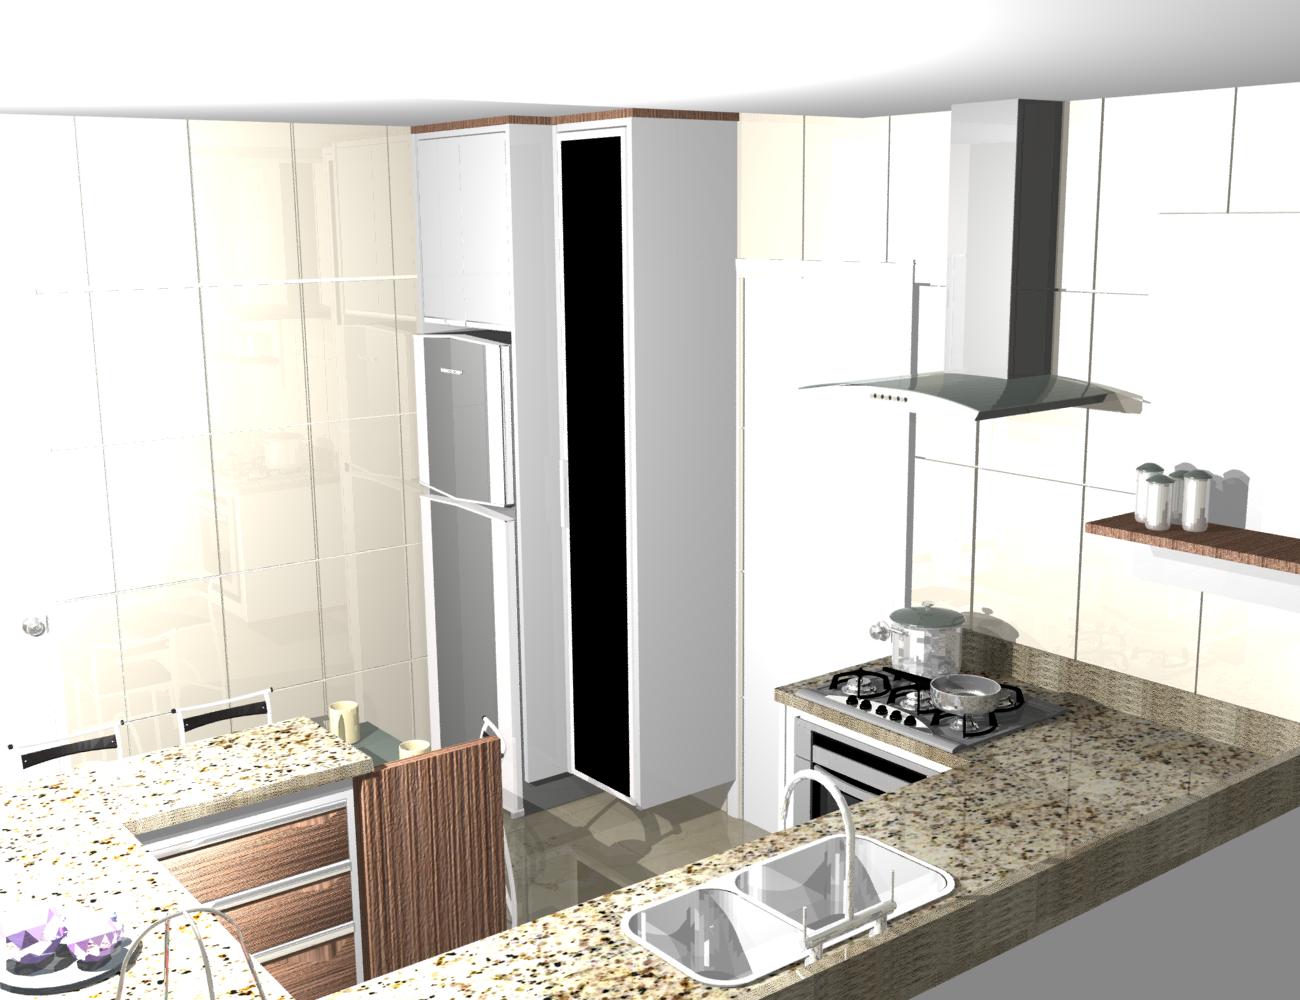 para cozinhas cozinhas planejadas dellano dellano cozinhas planejadas #6E408B 1300 1000